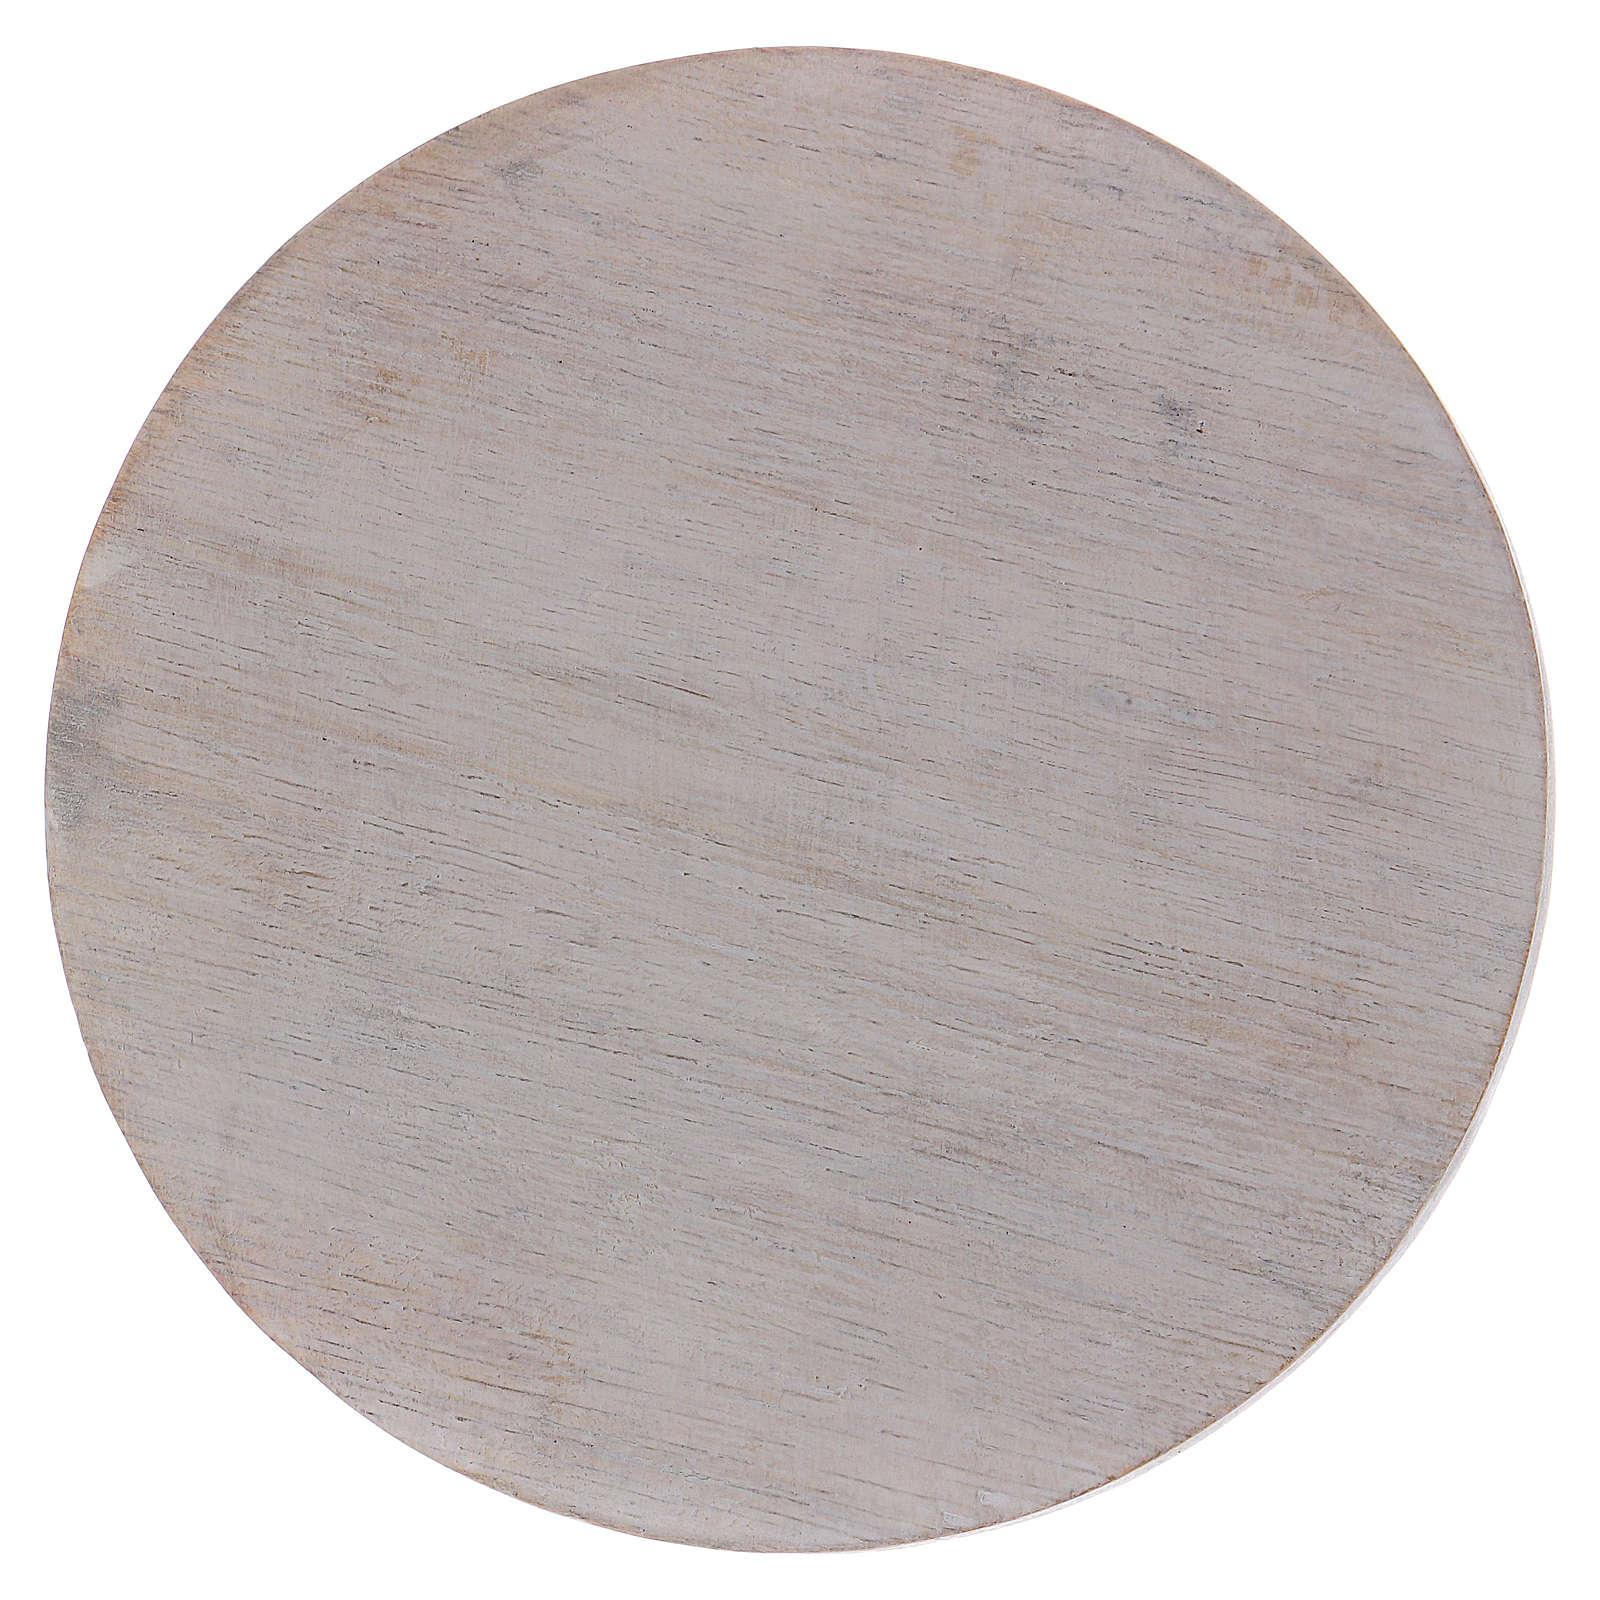 Piatto portacandele in legno avorio 10 cm 3